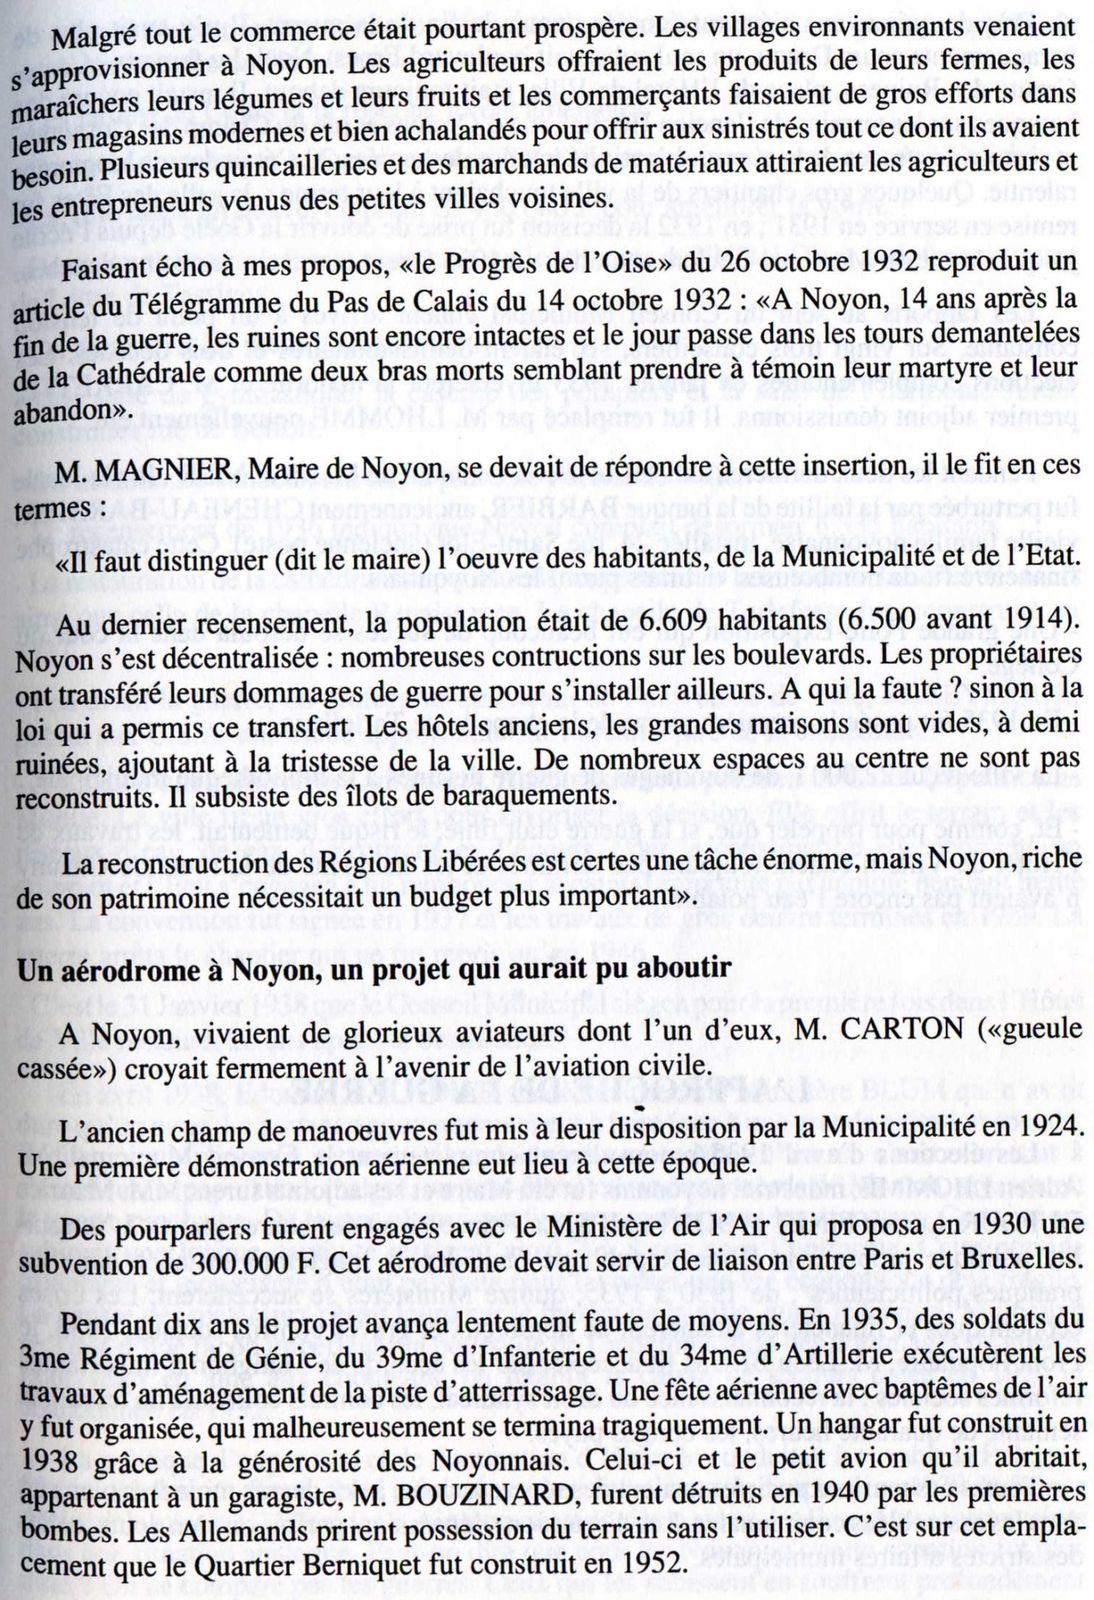 Album - la ville de Noyon (Oise), son Histoire de 1900 à 1950 (chapitres 3 et 4)